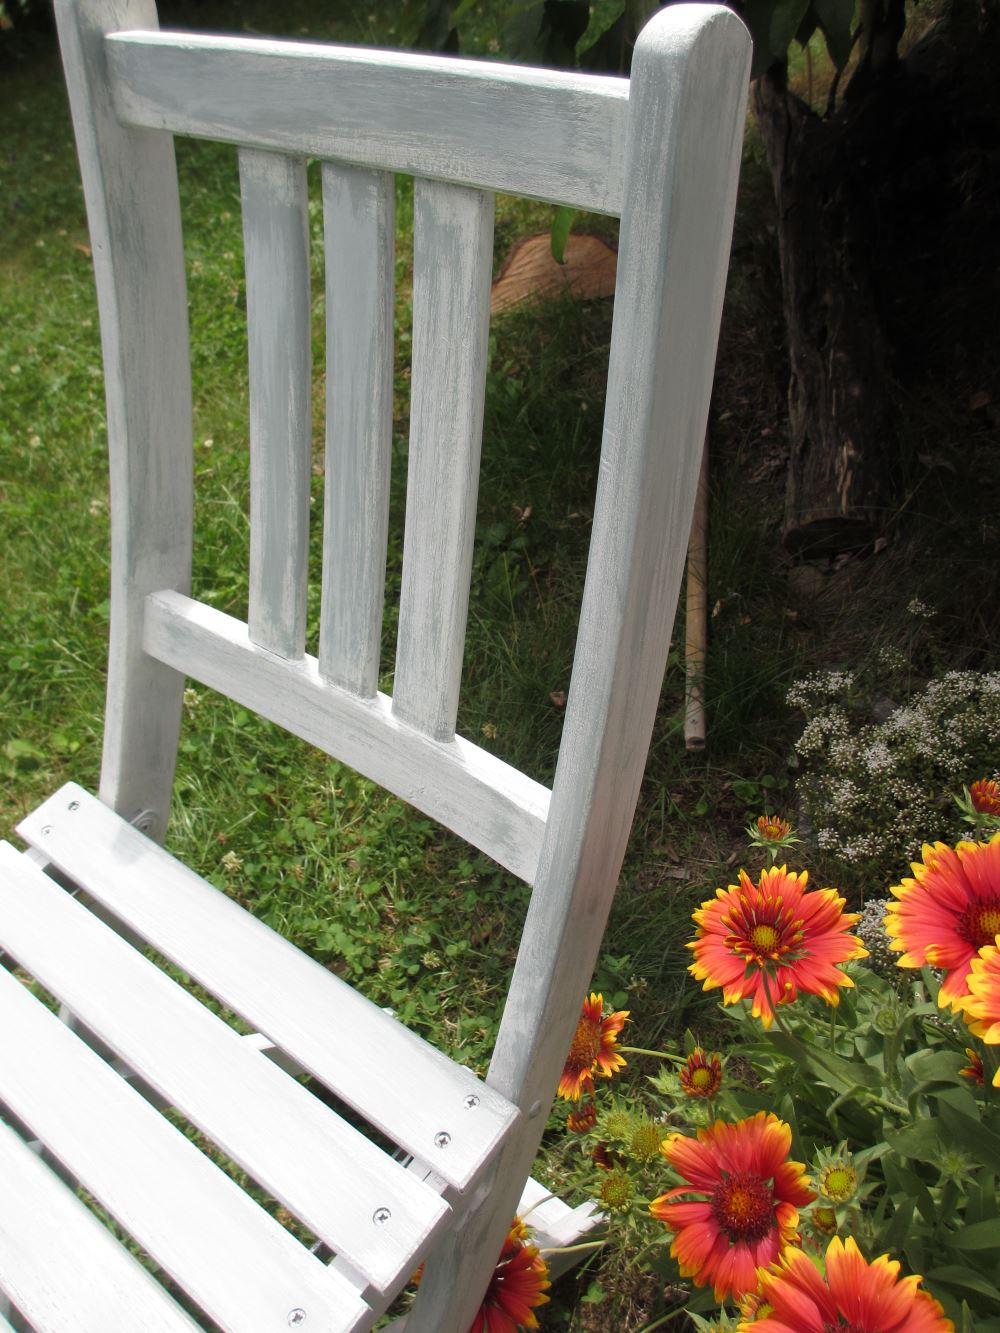 kuchenmobel streichen mit kreidefarbe : Alte möbel mit kreidefarbe streichen: upcycle alter stuhl ...